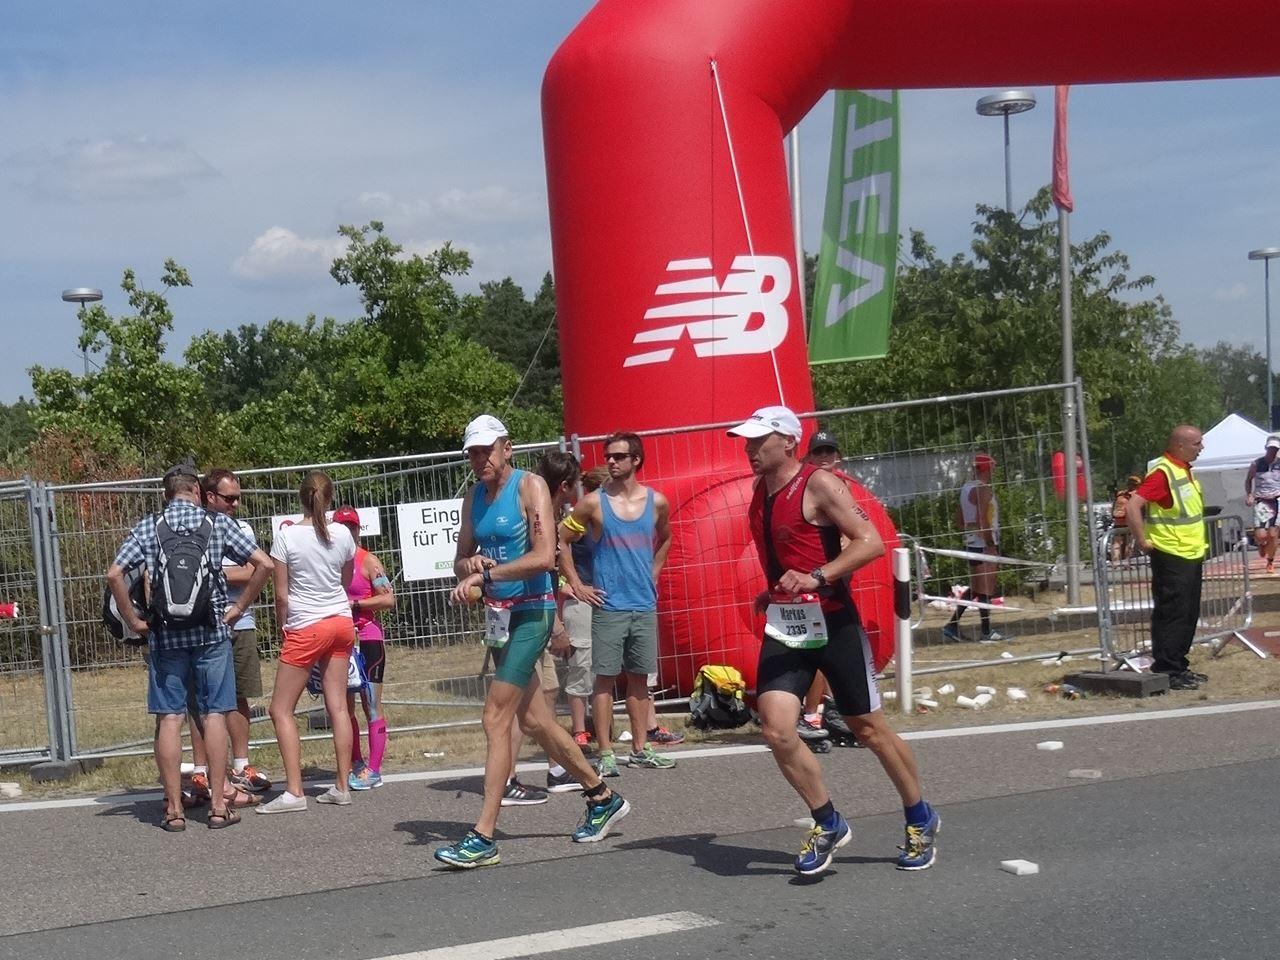 Challenge Roth Markus auf der Laufstrecke